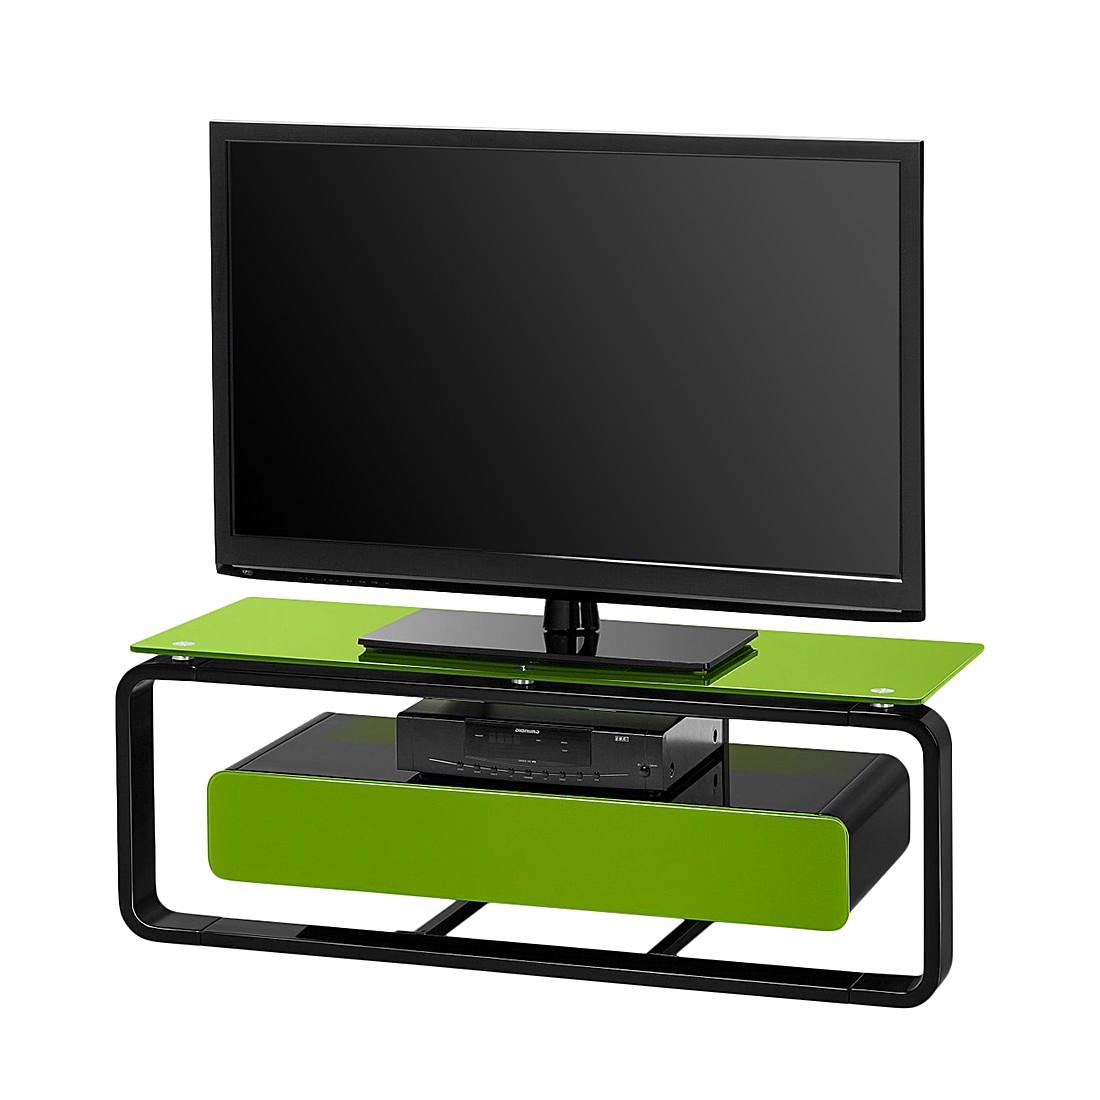 tv rack shanon schwarz glas gr n 110 cm loftscape kaufen. Black Bedroom Furniture Sets. Home Design Ideas